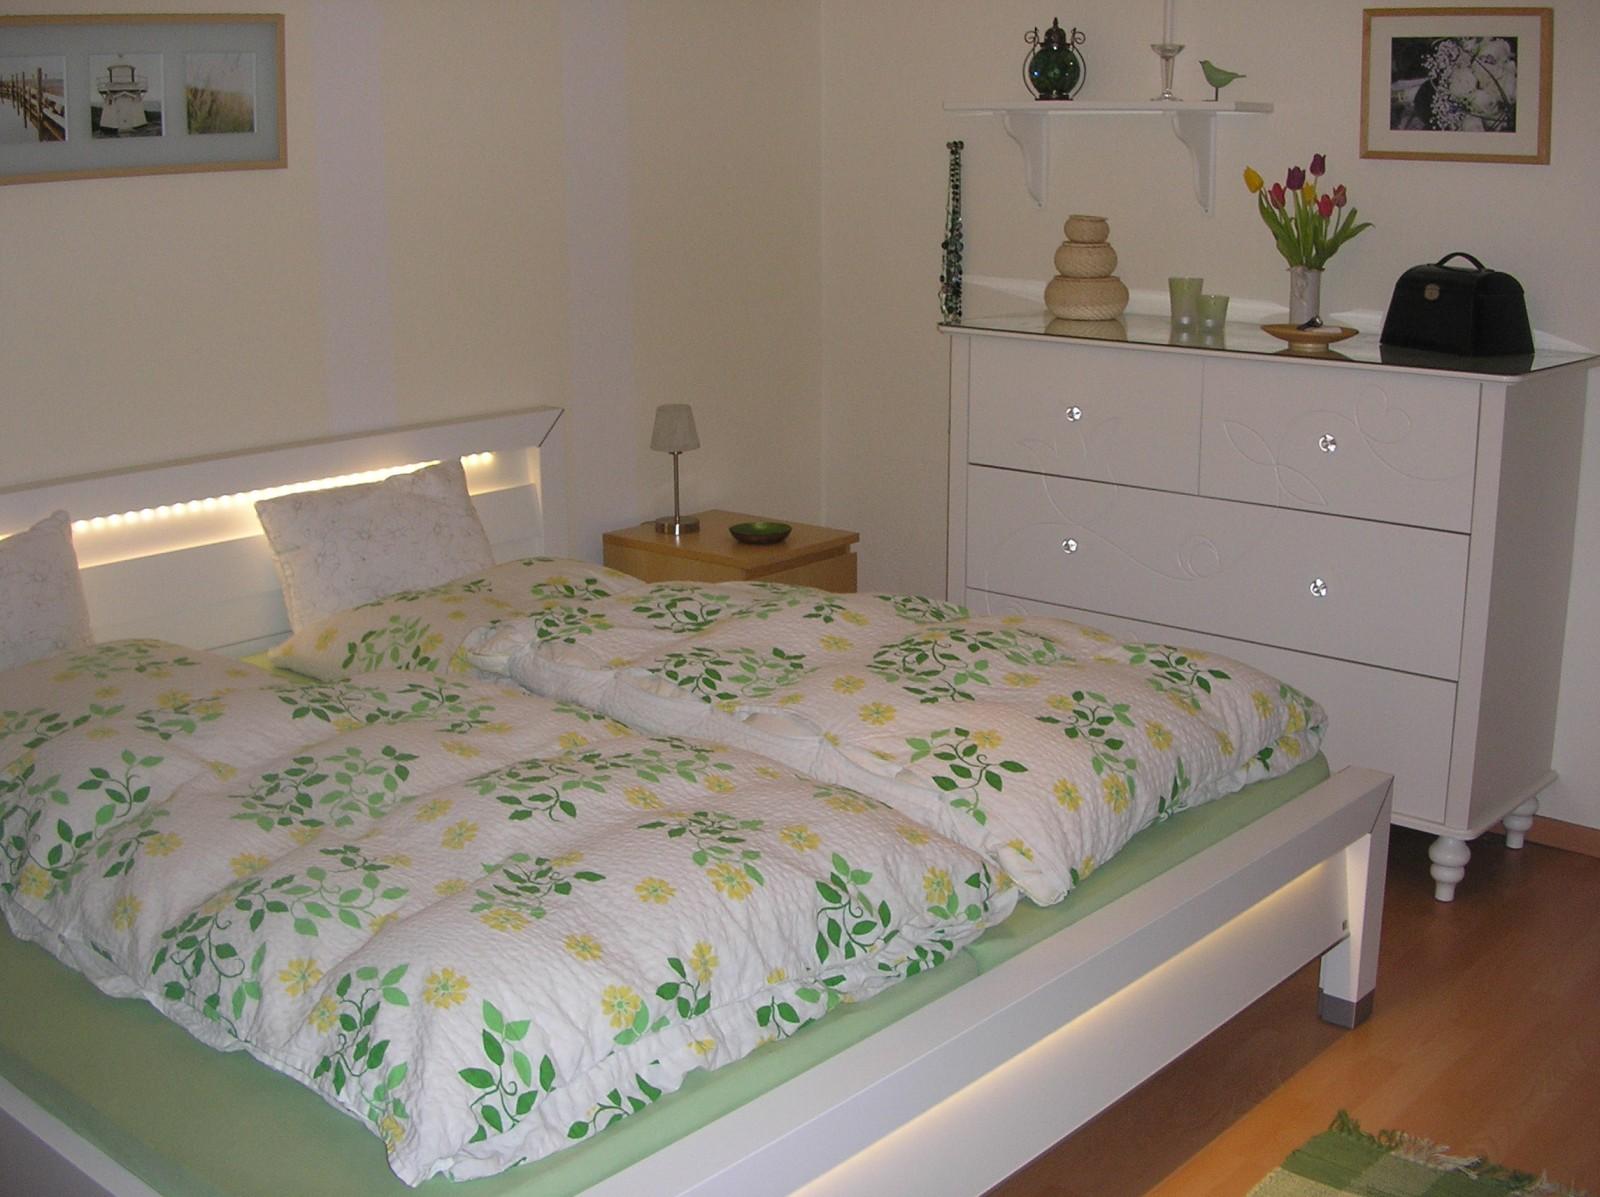 schlafzimmer 39 schlafen 39 die gr ne ruhe zimmerschau. Black Bedroom Furniture Sets. Home Design Ideas